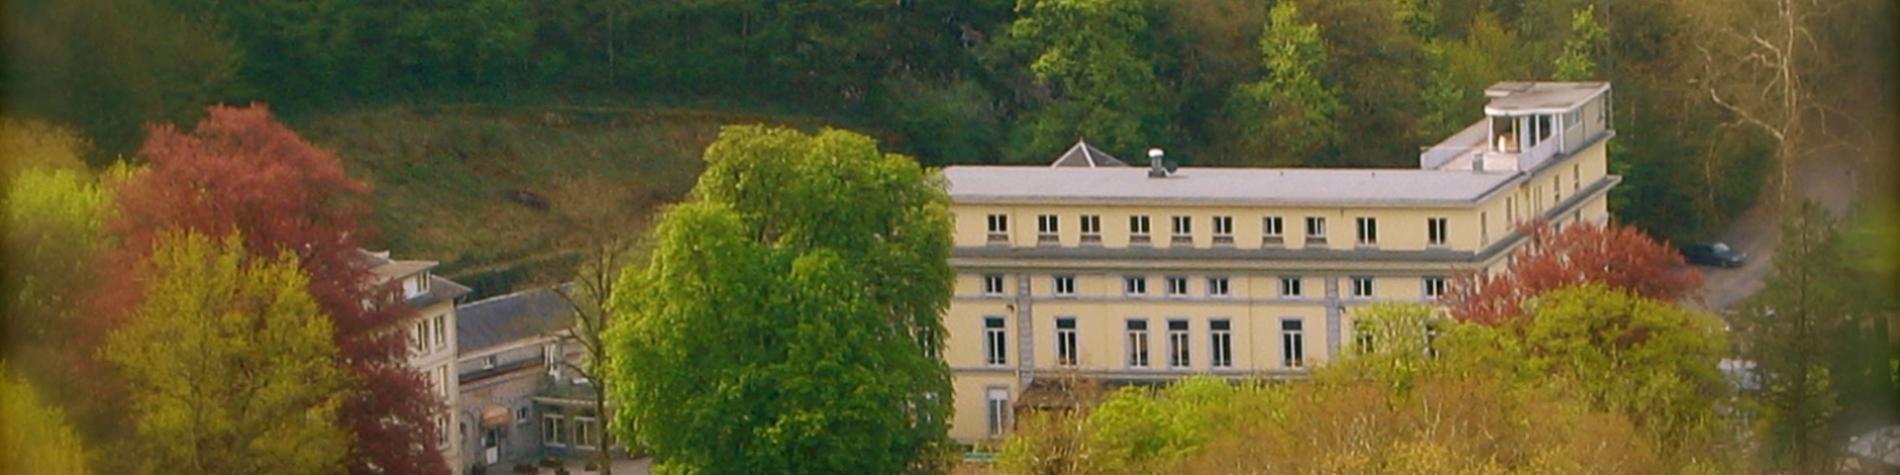 Hôtel - Castel - Pont-à-Lesse - Anseremme